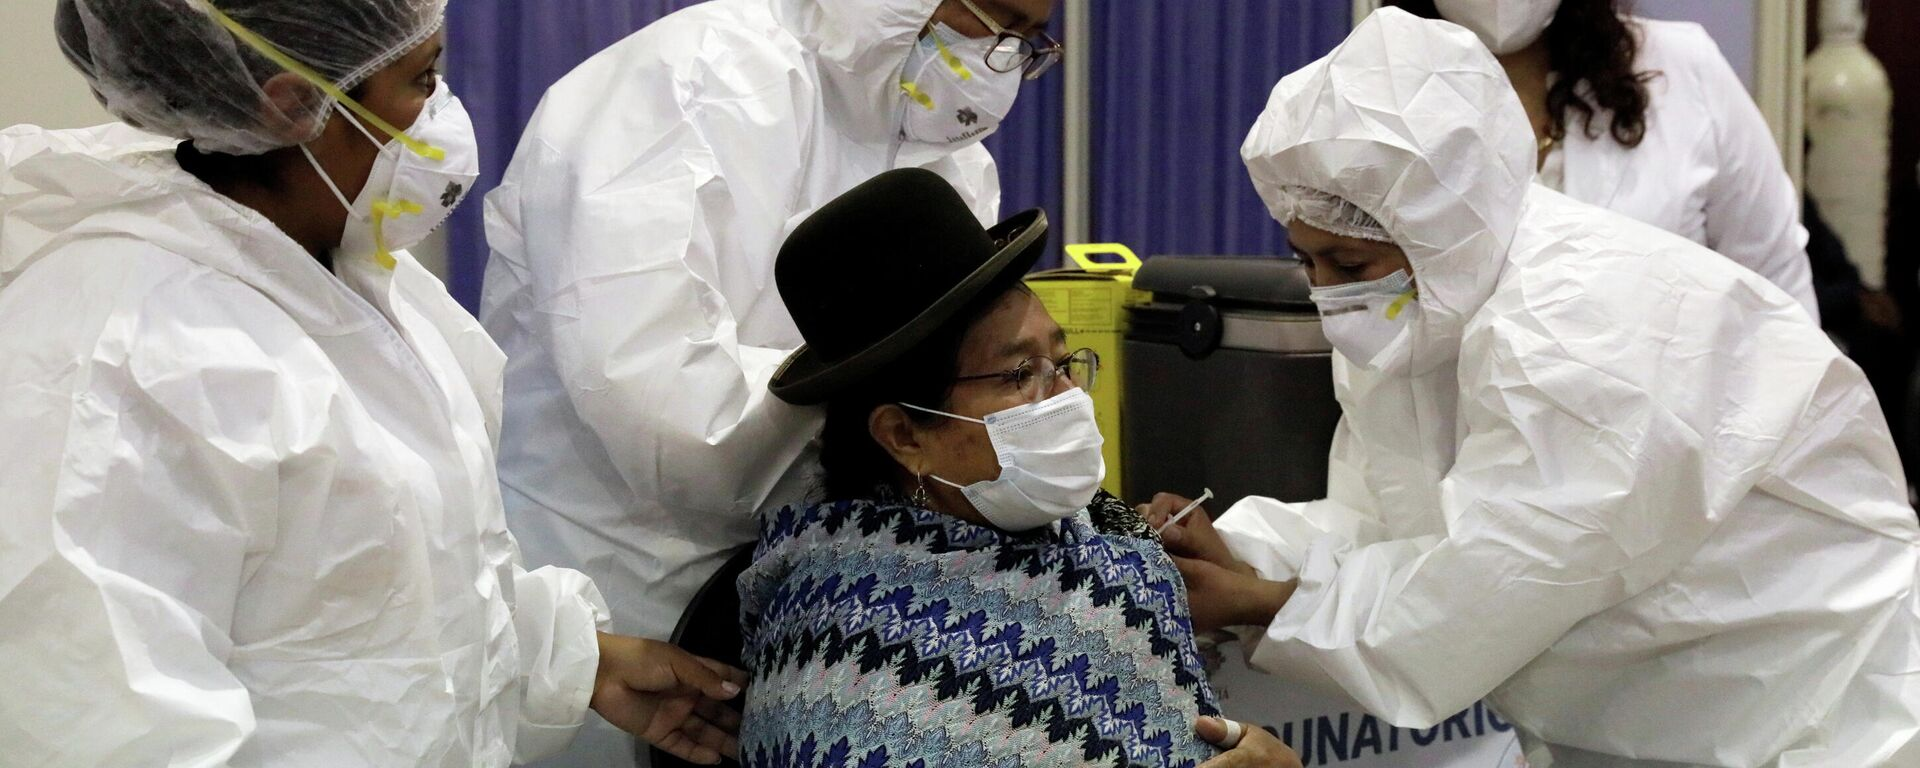 Una indígena Aymara vacunándose contra COVID-19 en La Paz, Bolivia - Sputnik Mundo, 1920, 22.03.2021